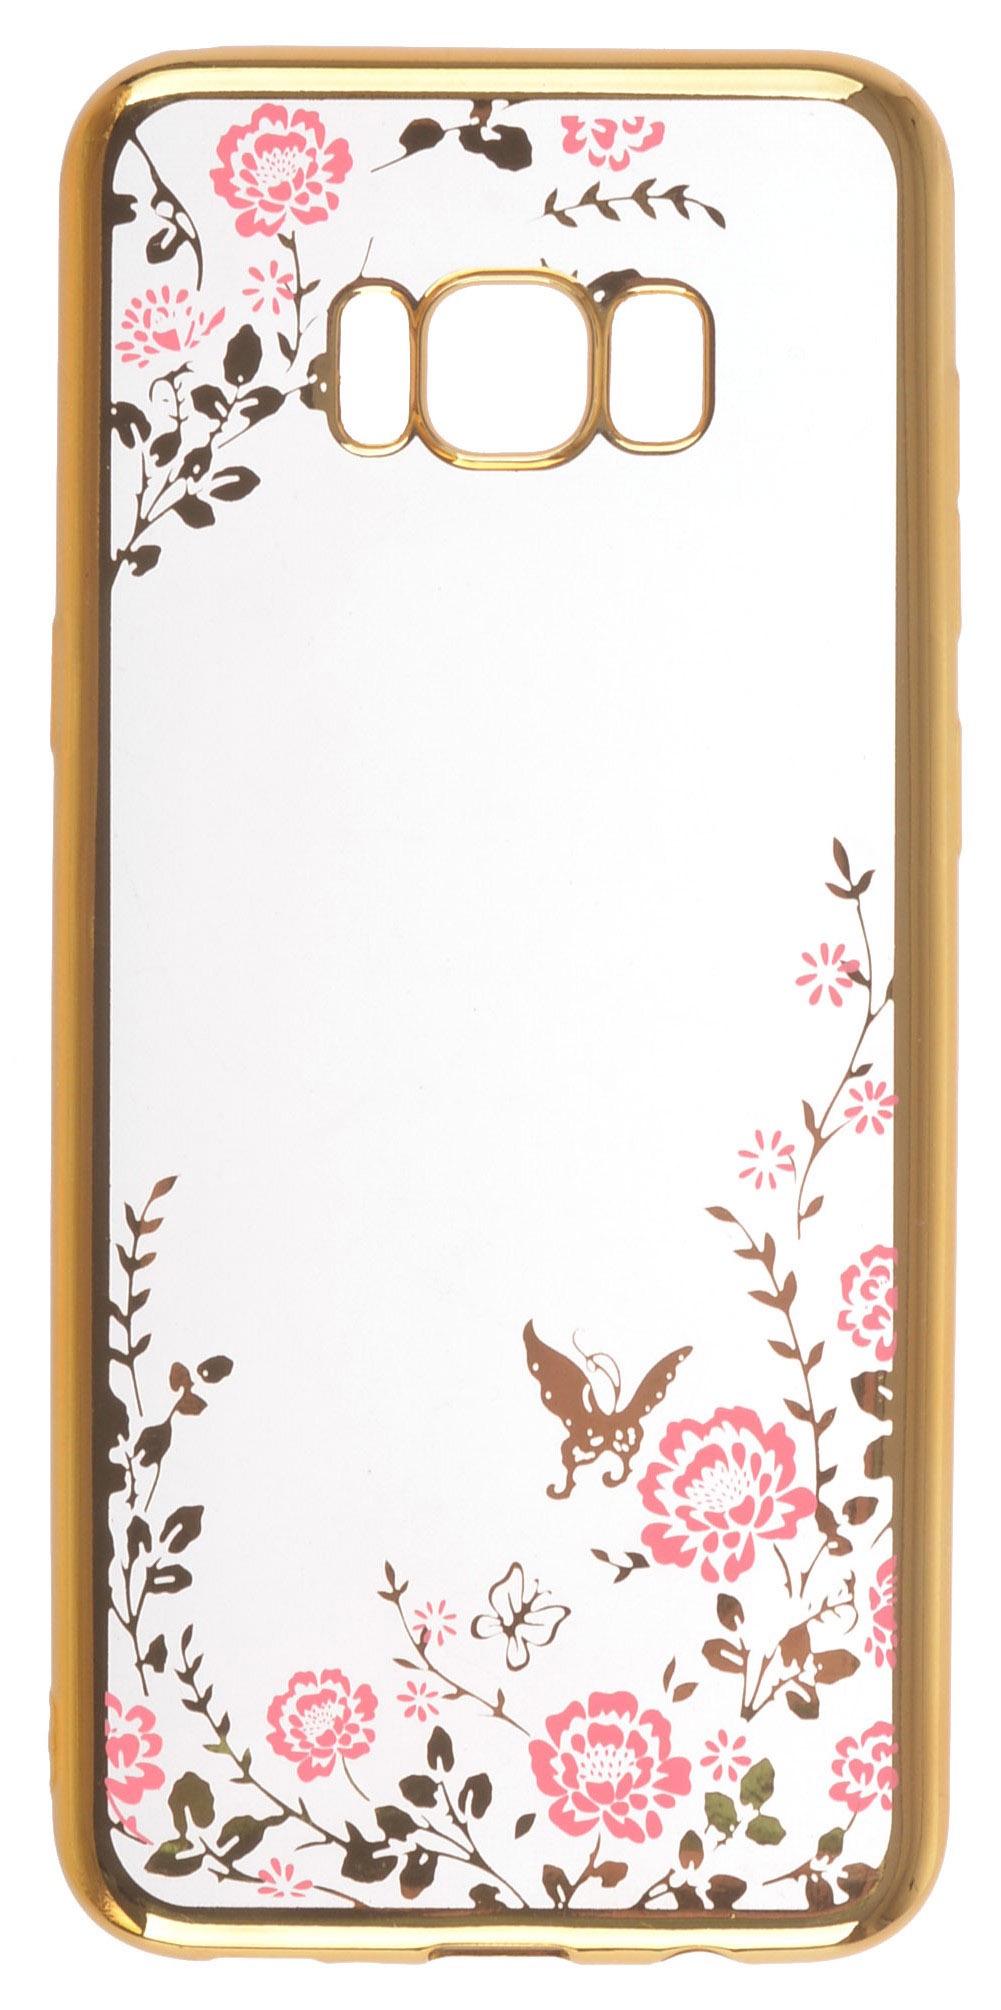 Чехол для сотового телефона skinBOX silicone chrome border color style 1, 4660041402278, розовый